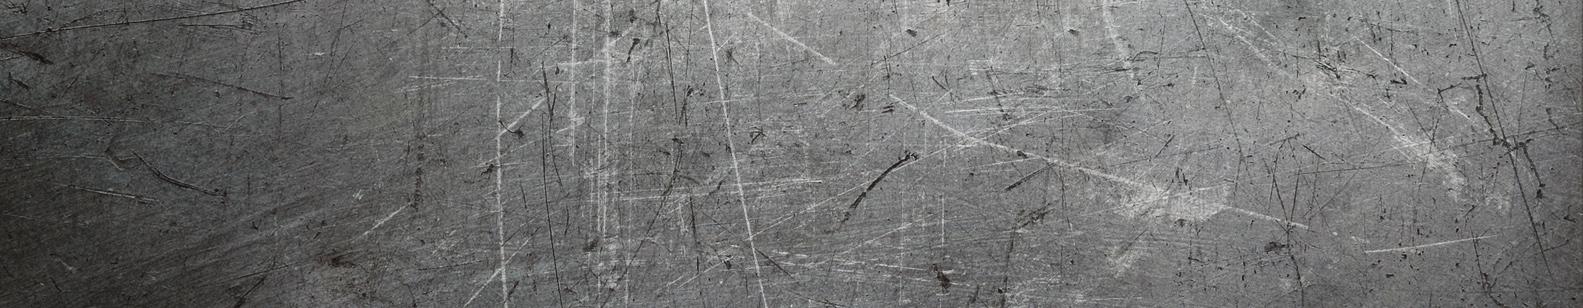 Juostinės šalto pjovimo staklės  Pažangios, aukštos kokybės juostinės šalto pjovimo staklės metalui